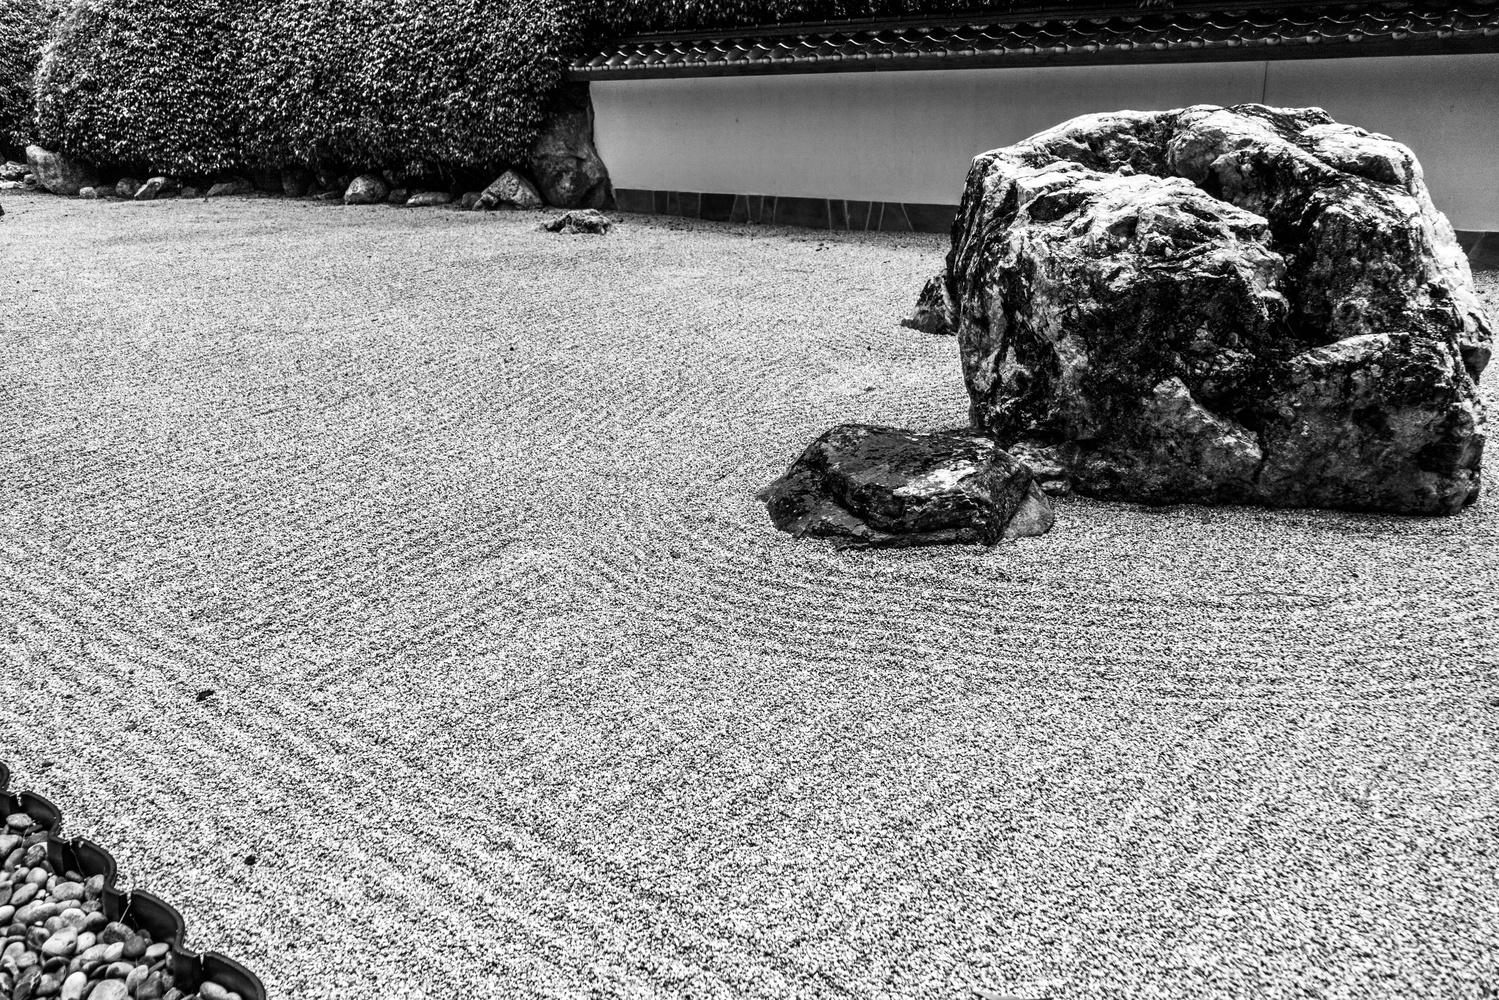 Morikami Rock Garden by Luis Santana